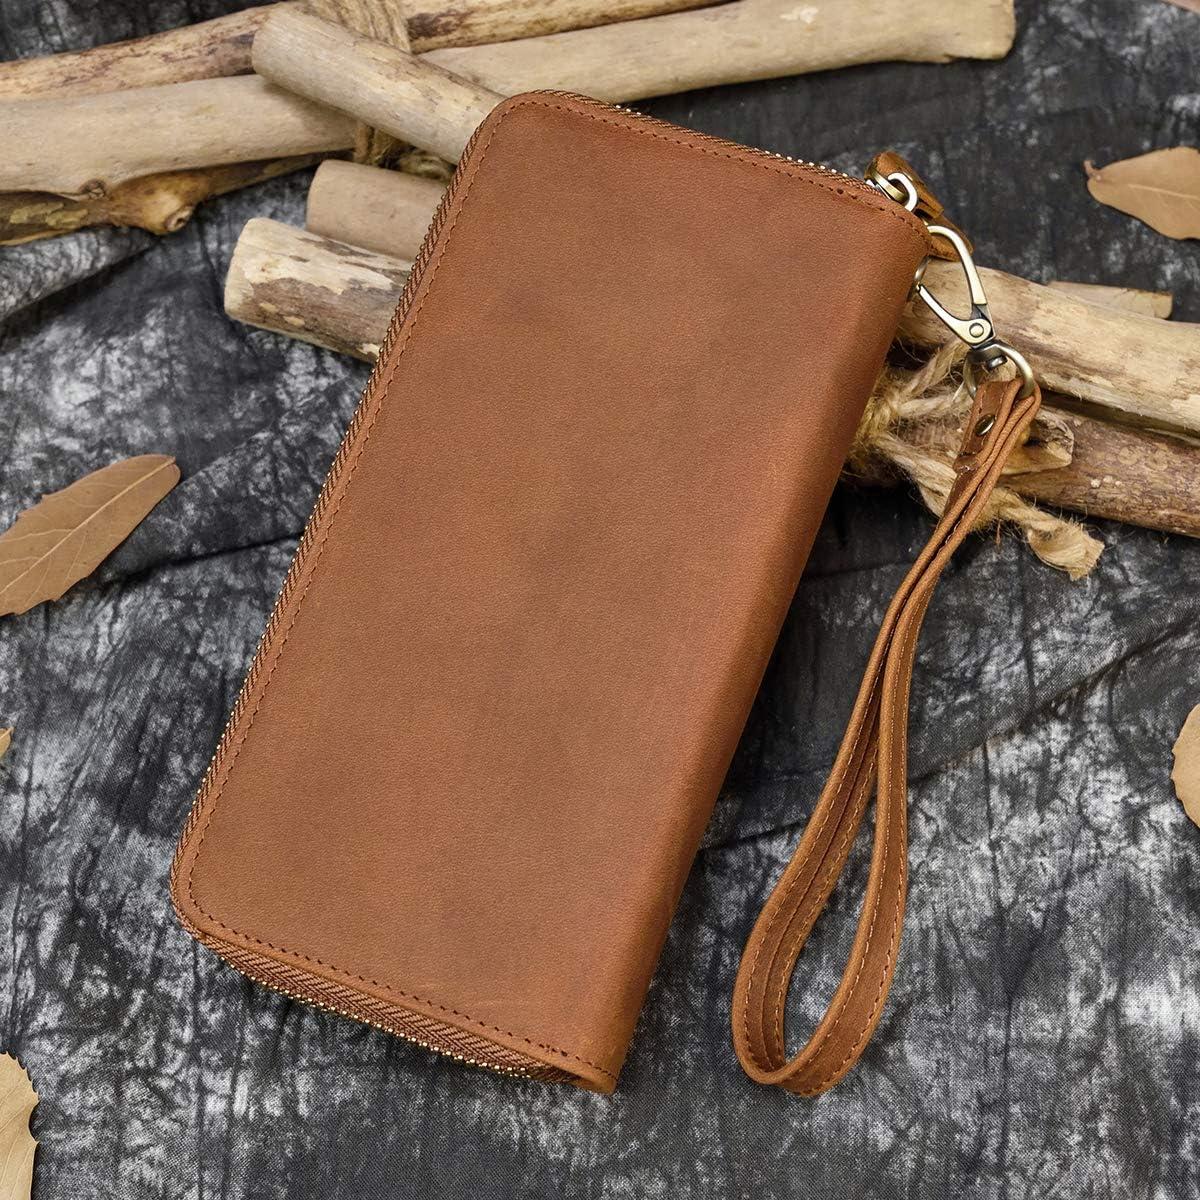 Sac /à Main en Cuir v/éritable pour Hommes Double Zipper Purse 4 Interlayer Zip-Around Wallet Marron